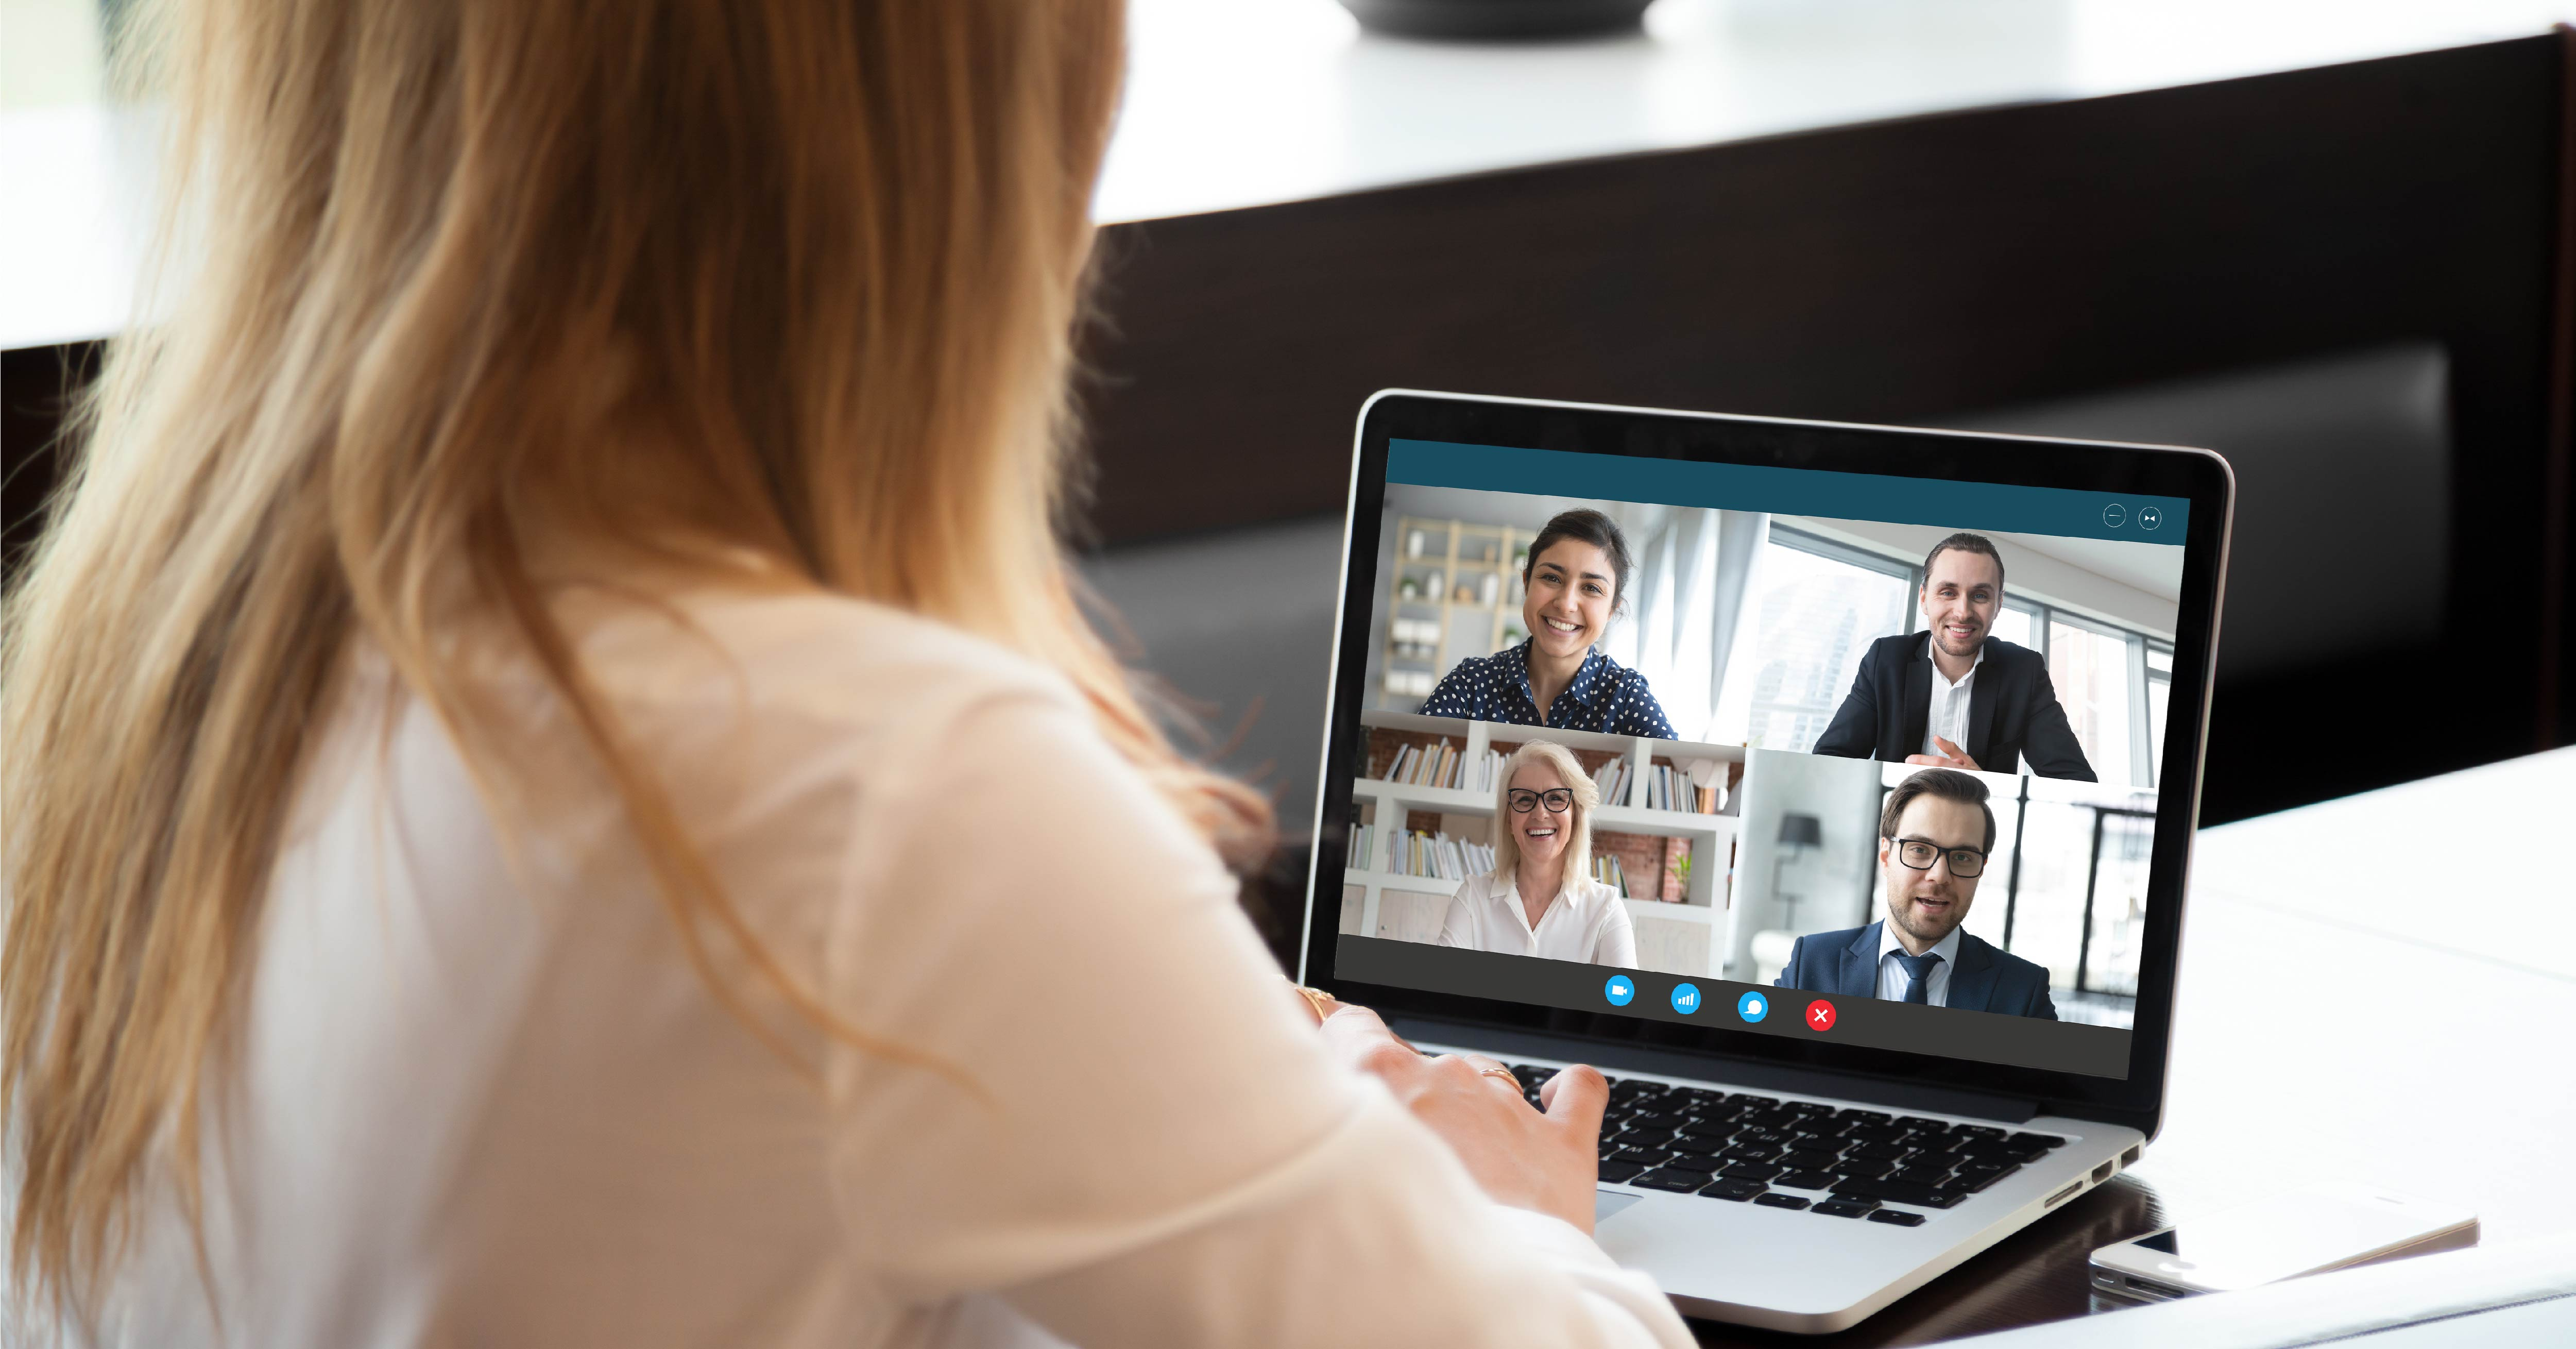 Aplicativos para videoconferência: qual opção escolher?